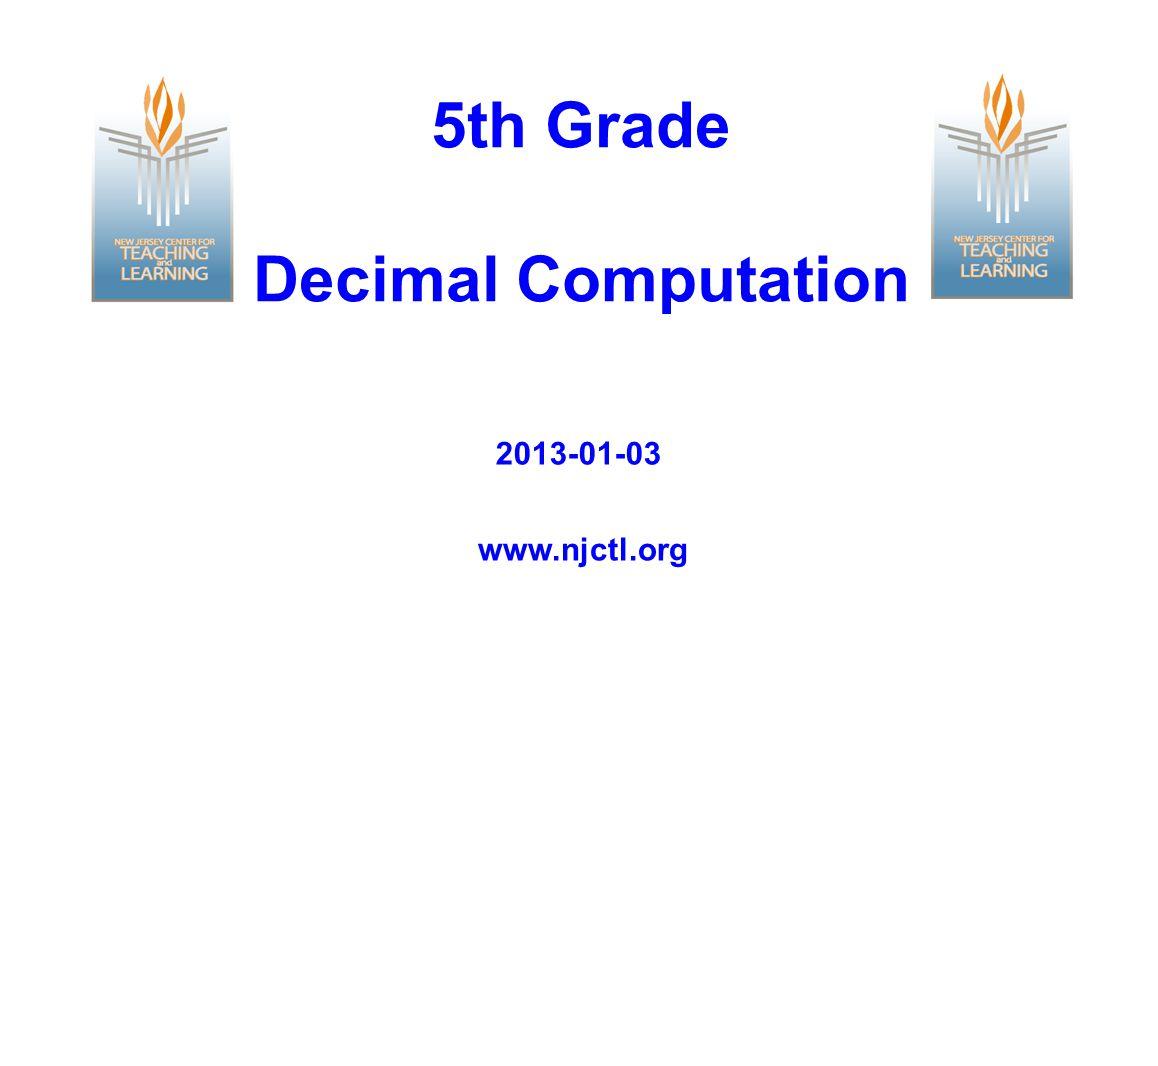 5th Grade Decimal Computation www.njctl.org 2013-01-03